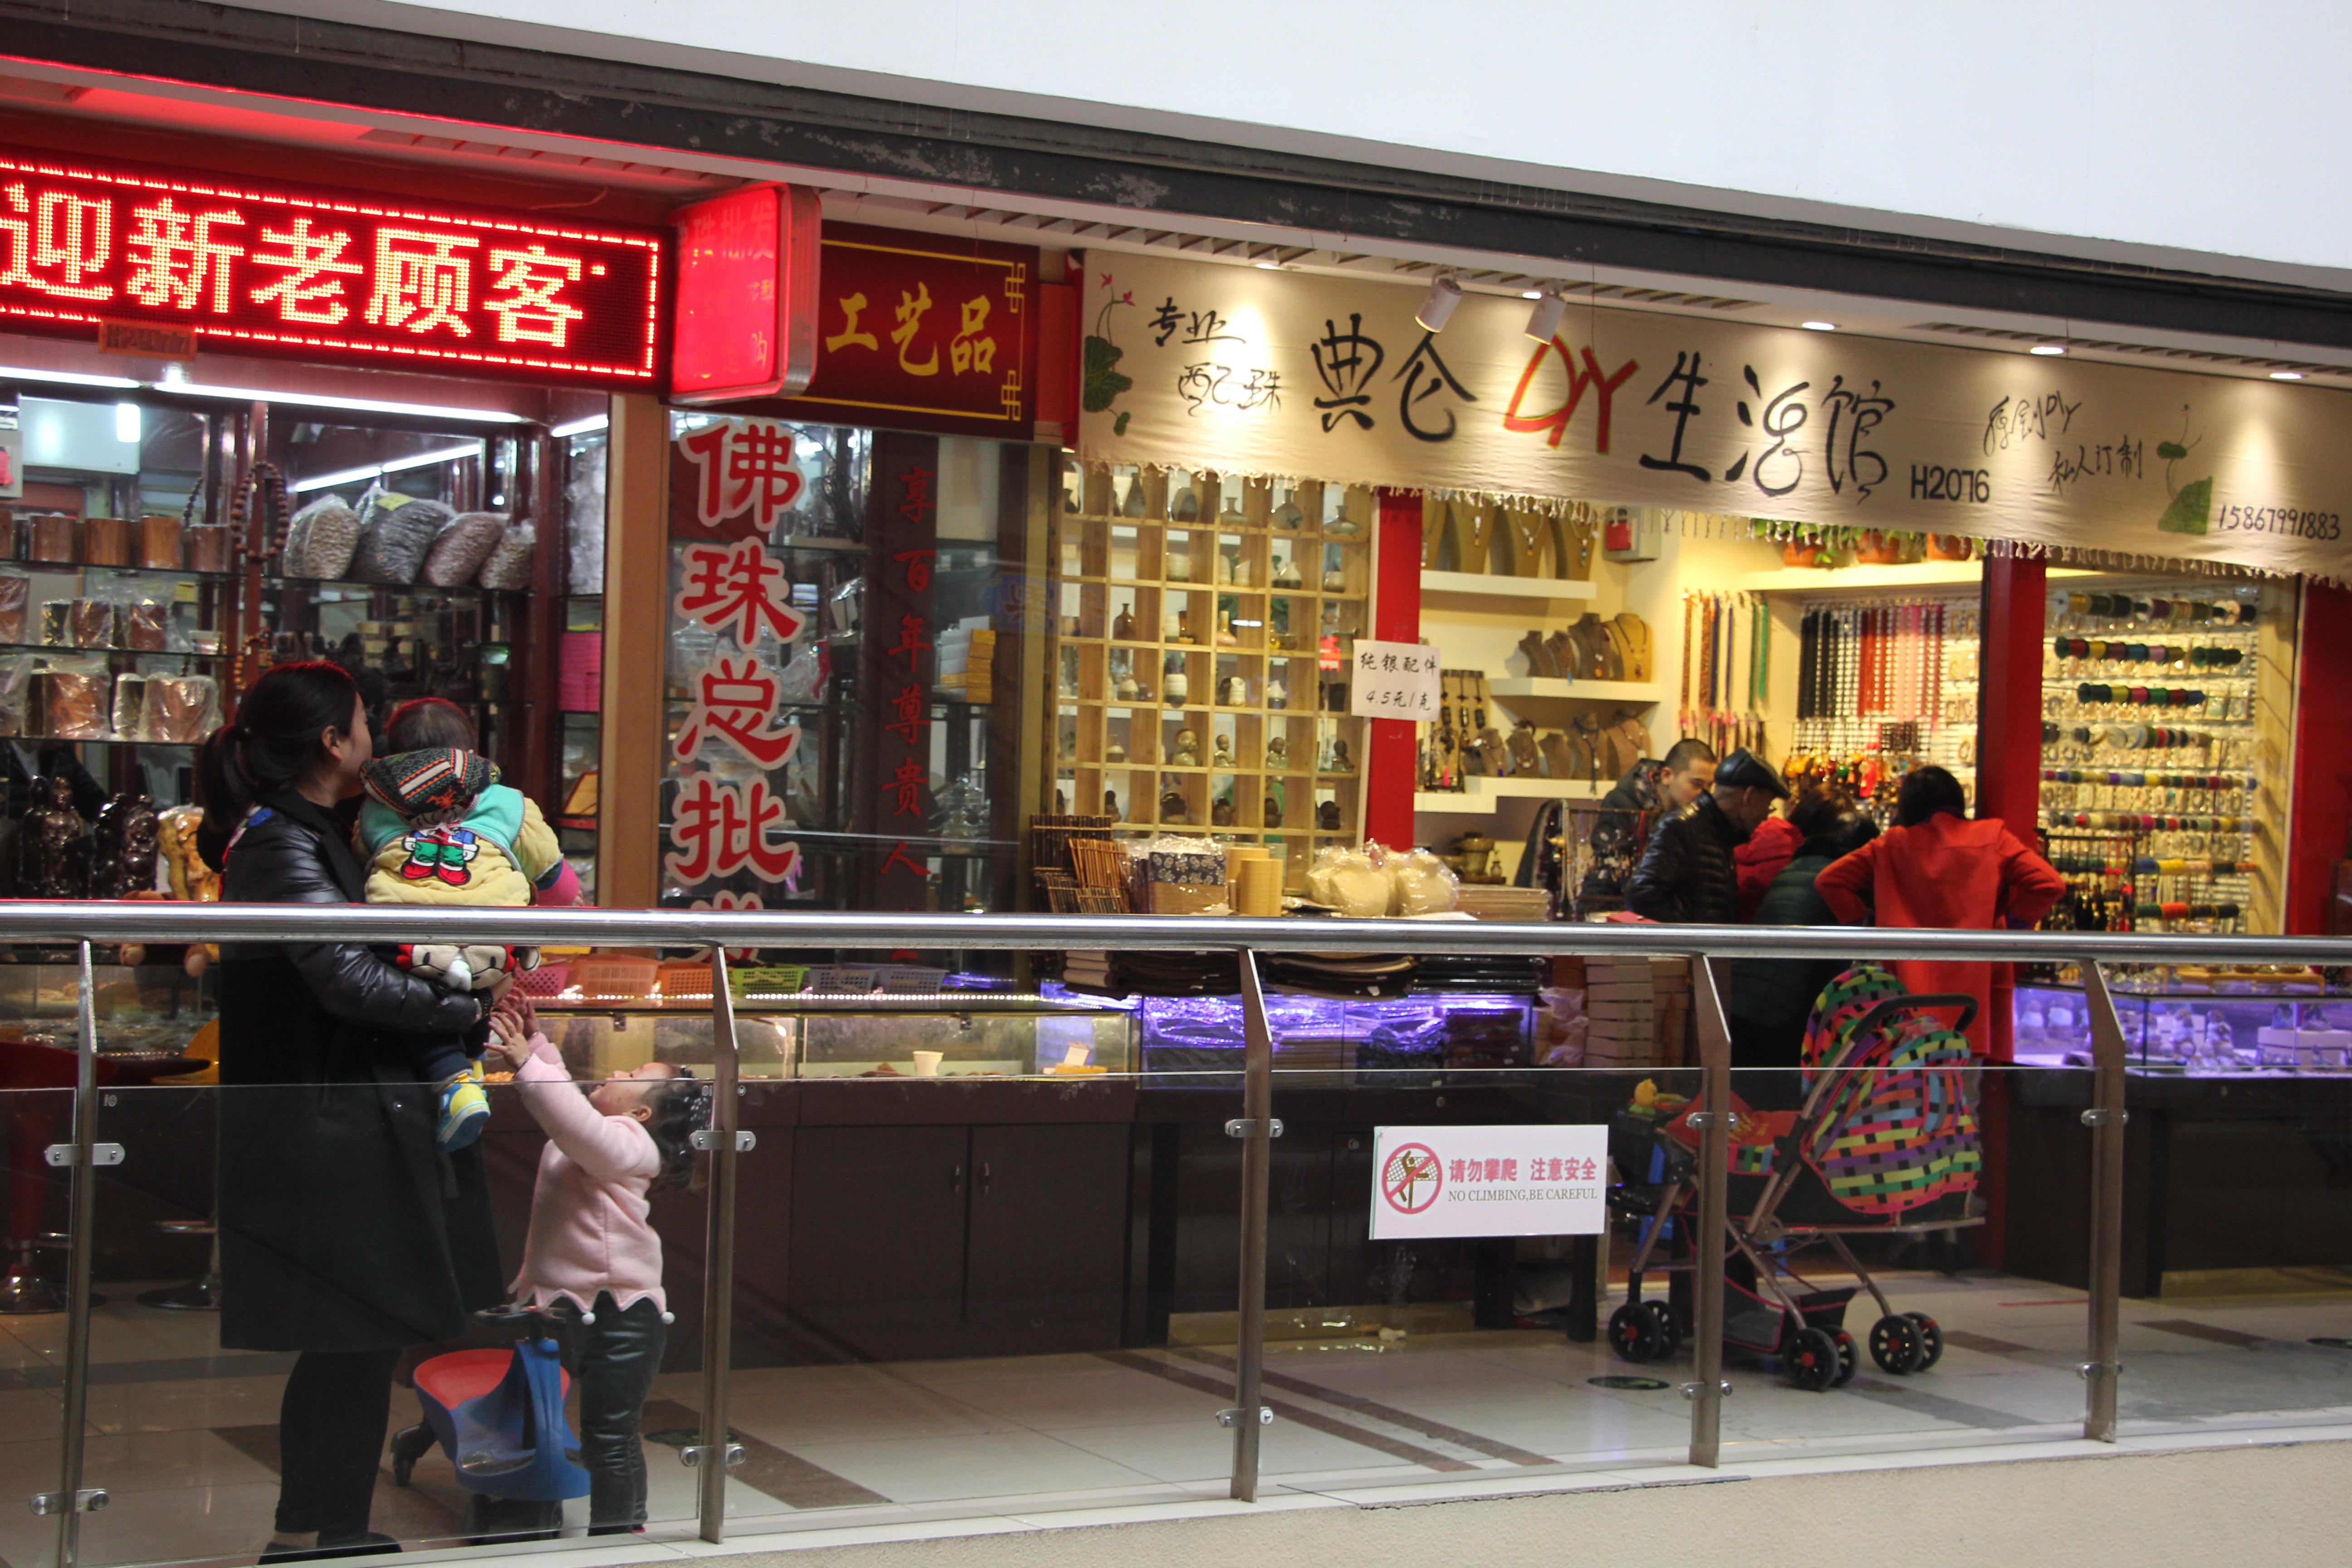 【携程攻略】浙江东阳中国木雕城适合朋友出游旅游吗